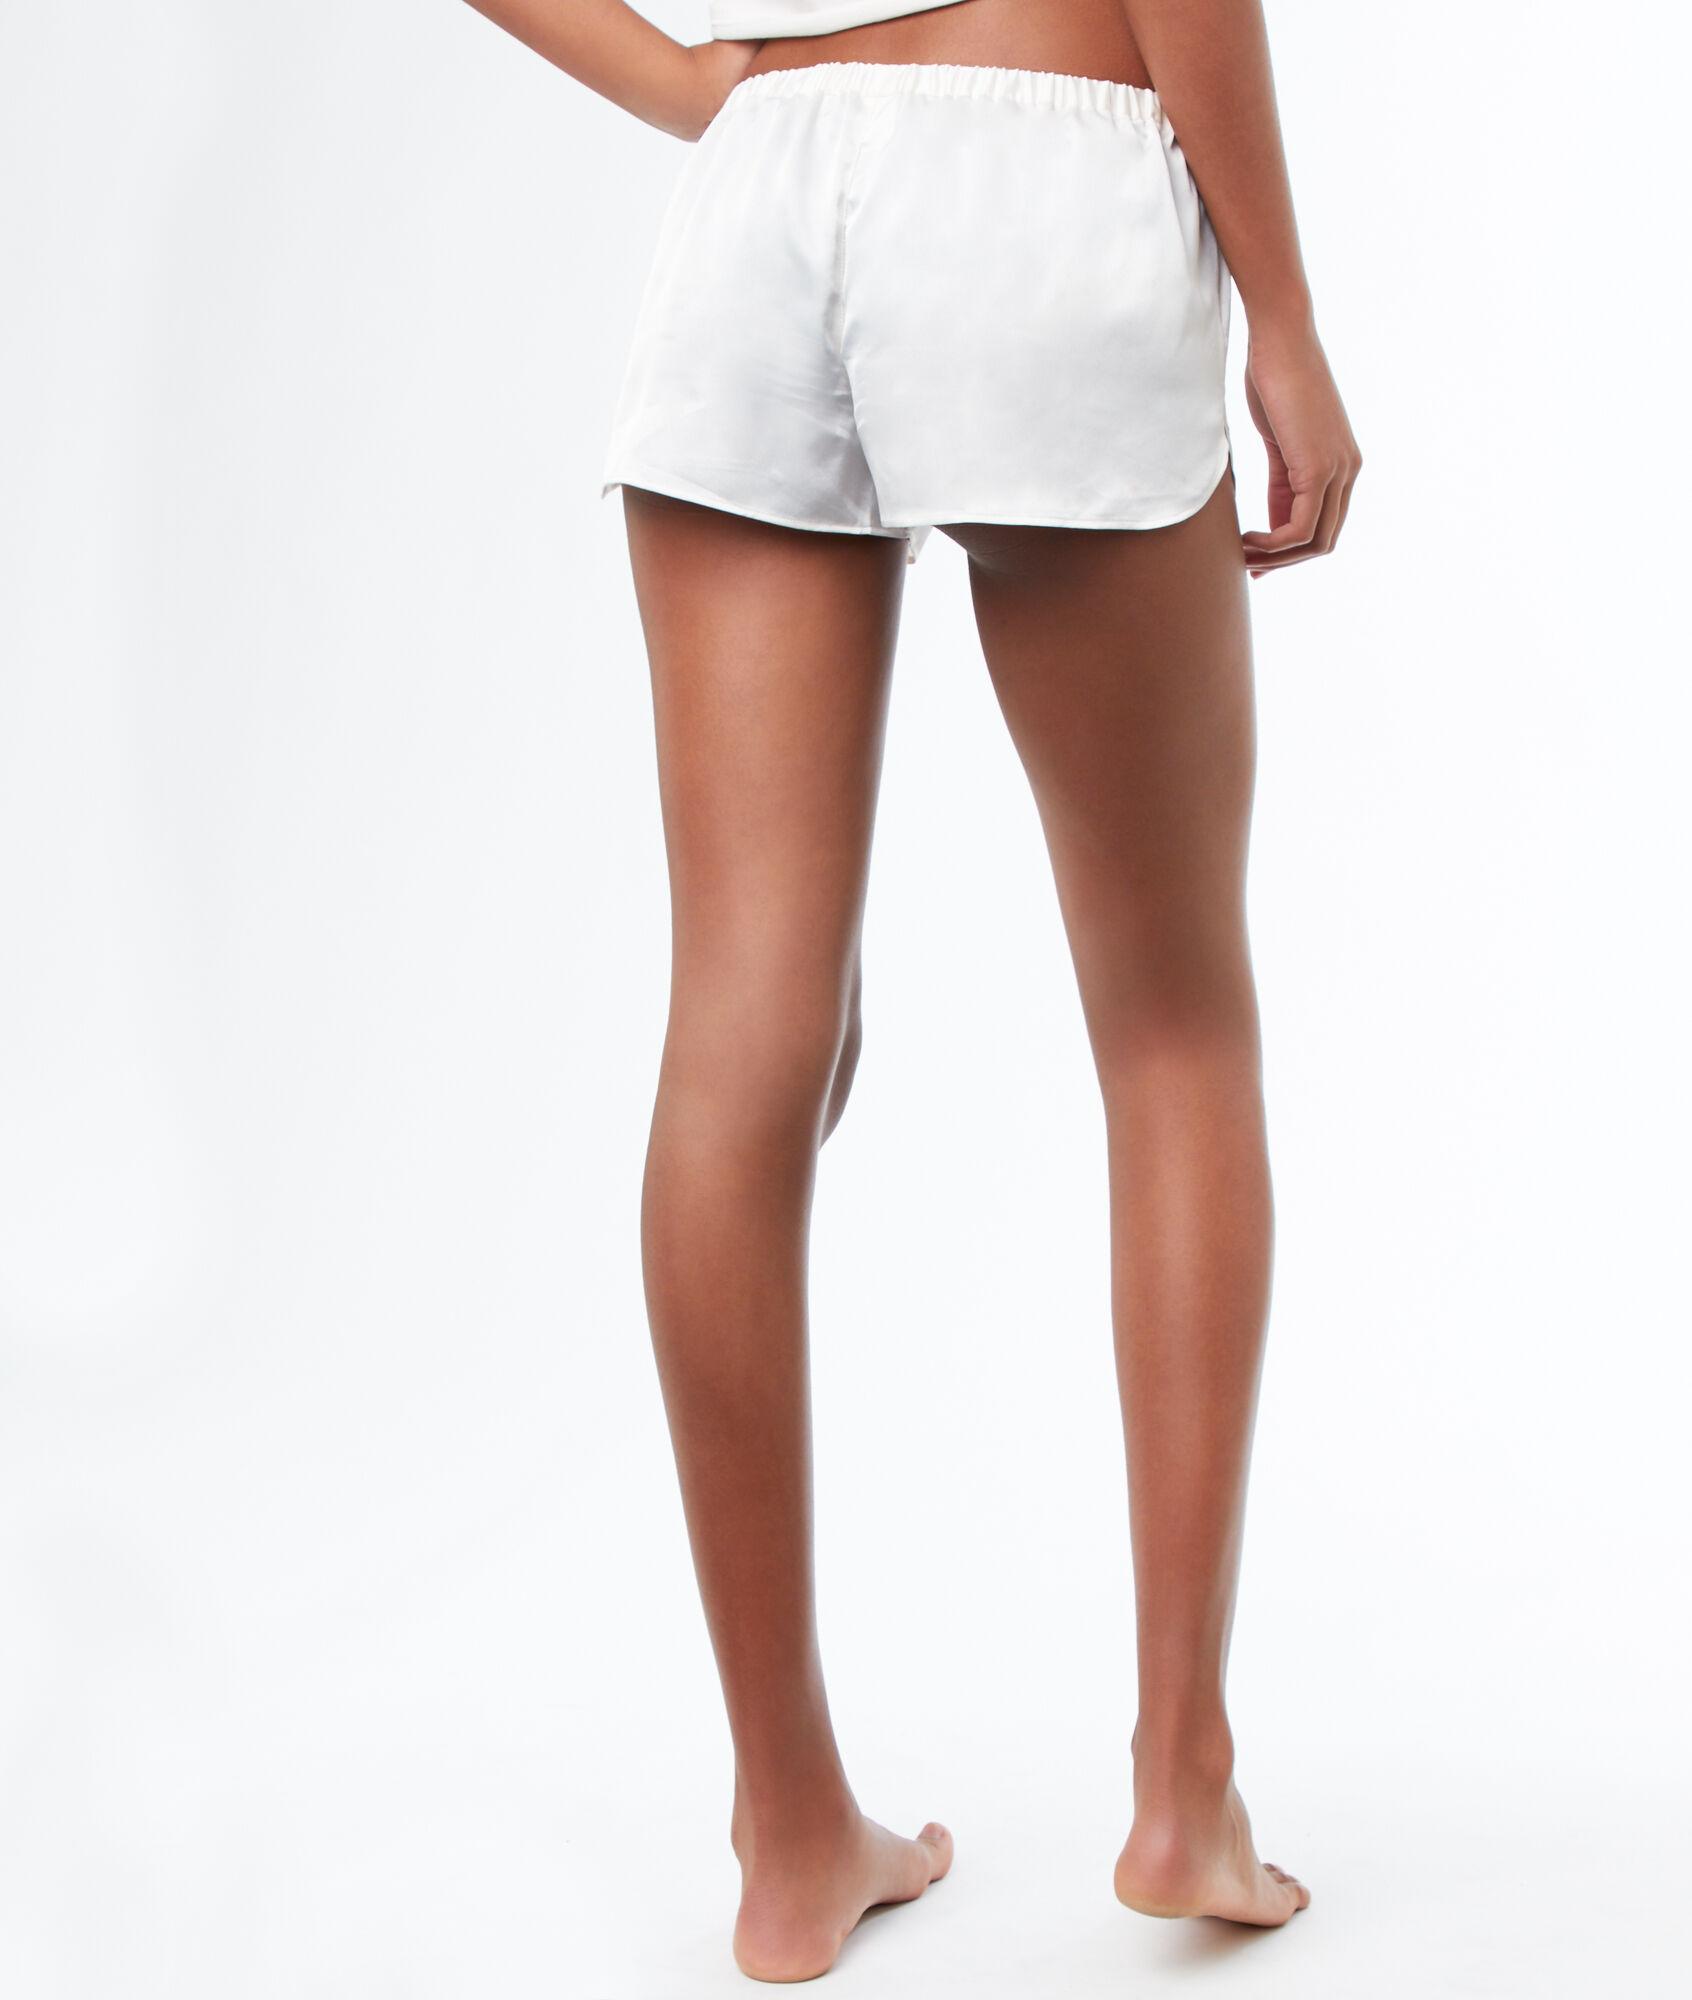 761f22f7b1 Pantalón corto estampado floral - VAHINE - BLANCO - Etam